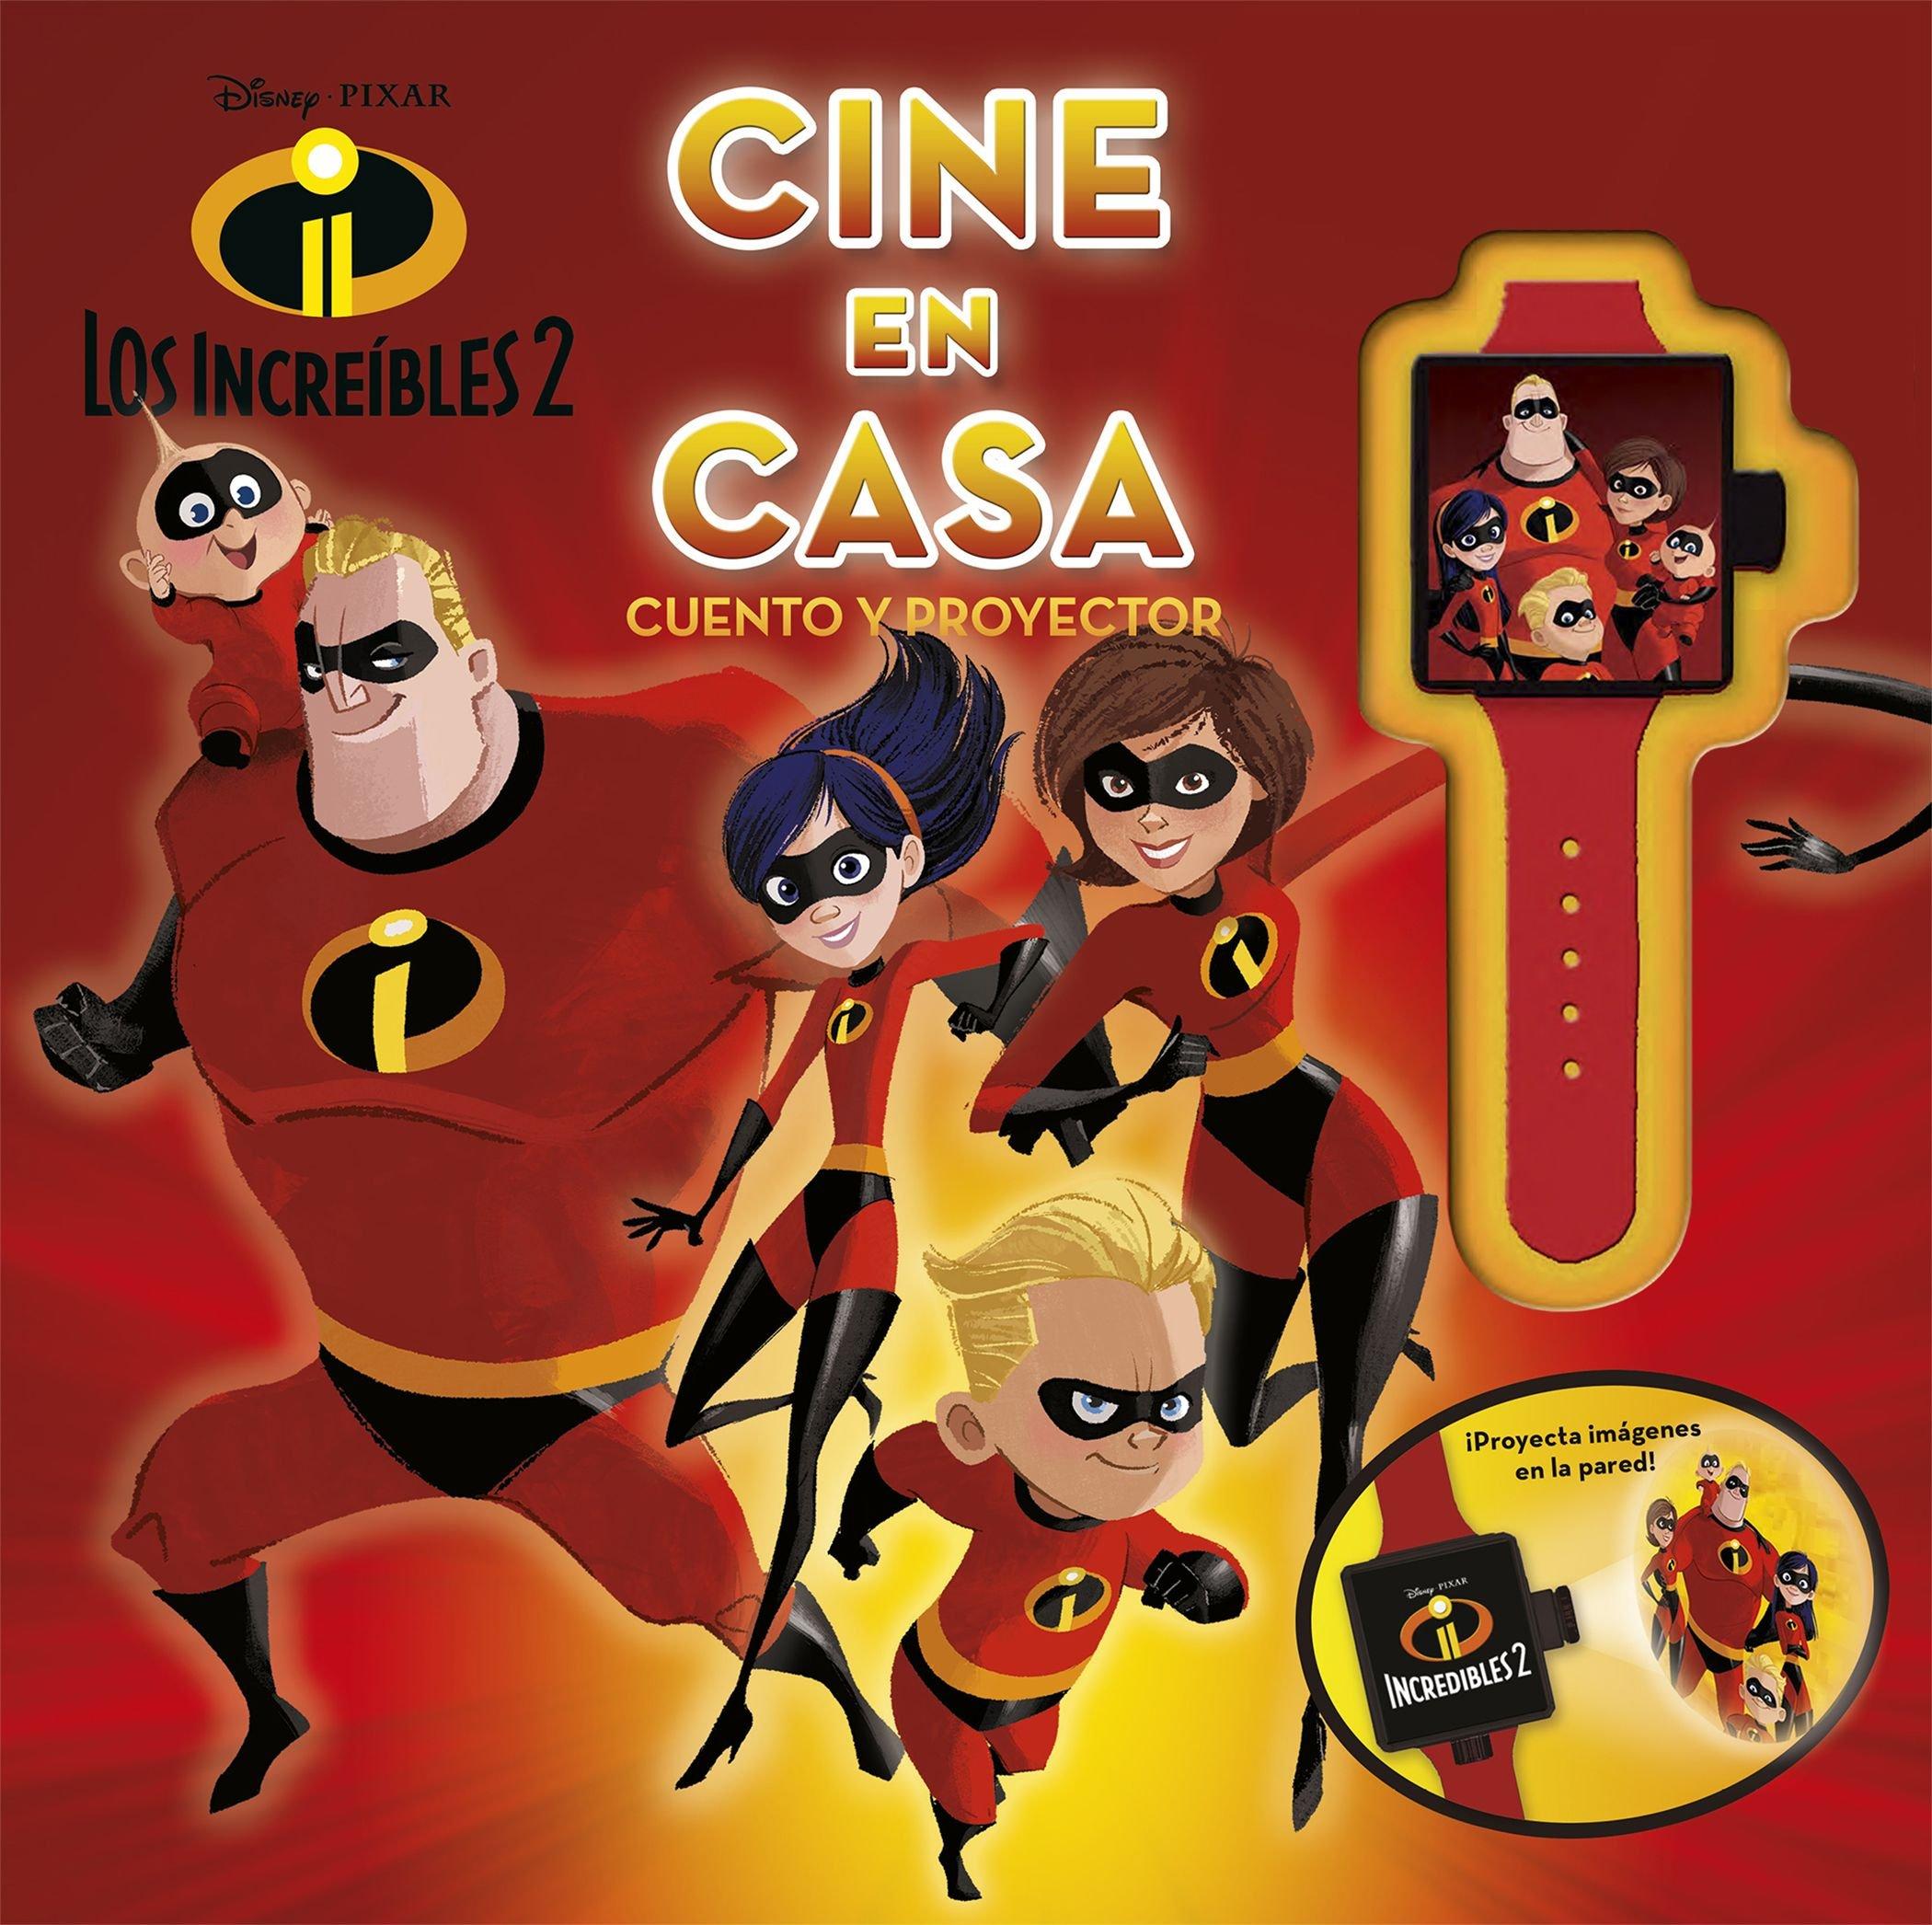 Los increíbles 2. Cine en casa: Cuento y proyector Disney. Los ...